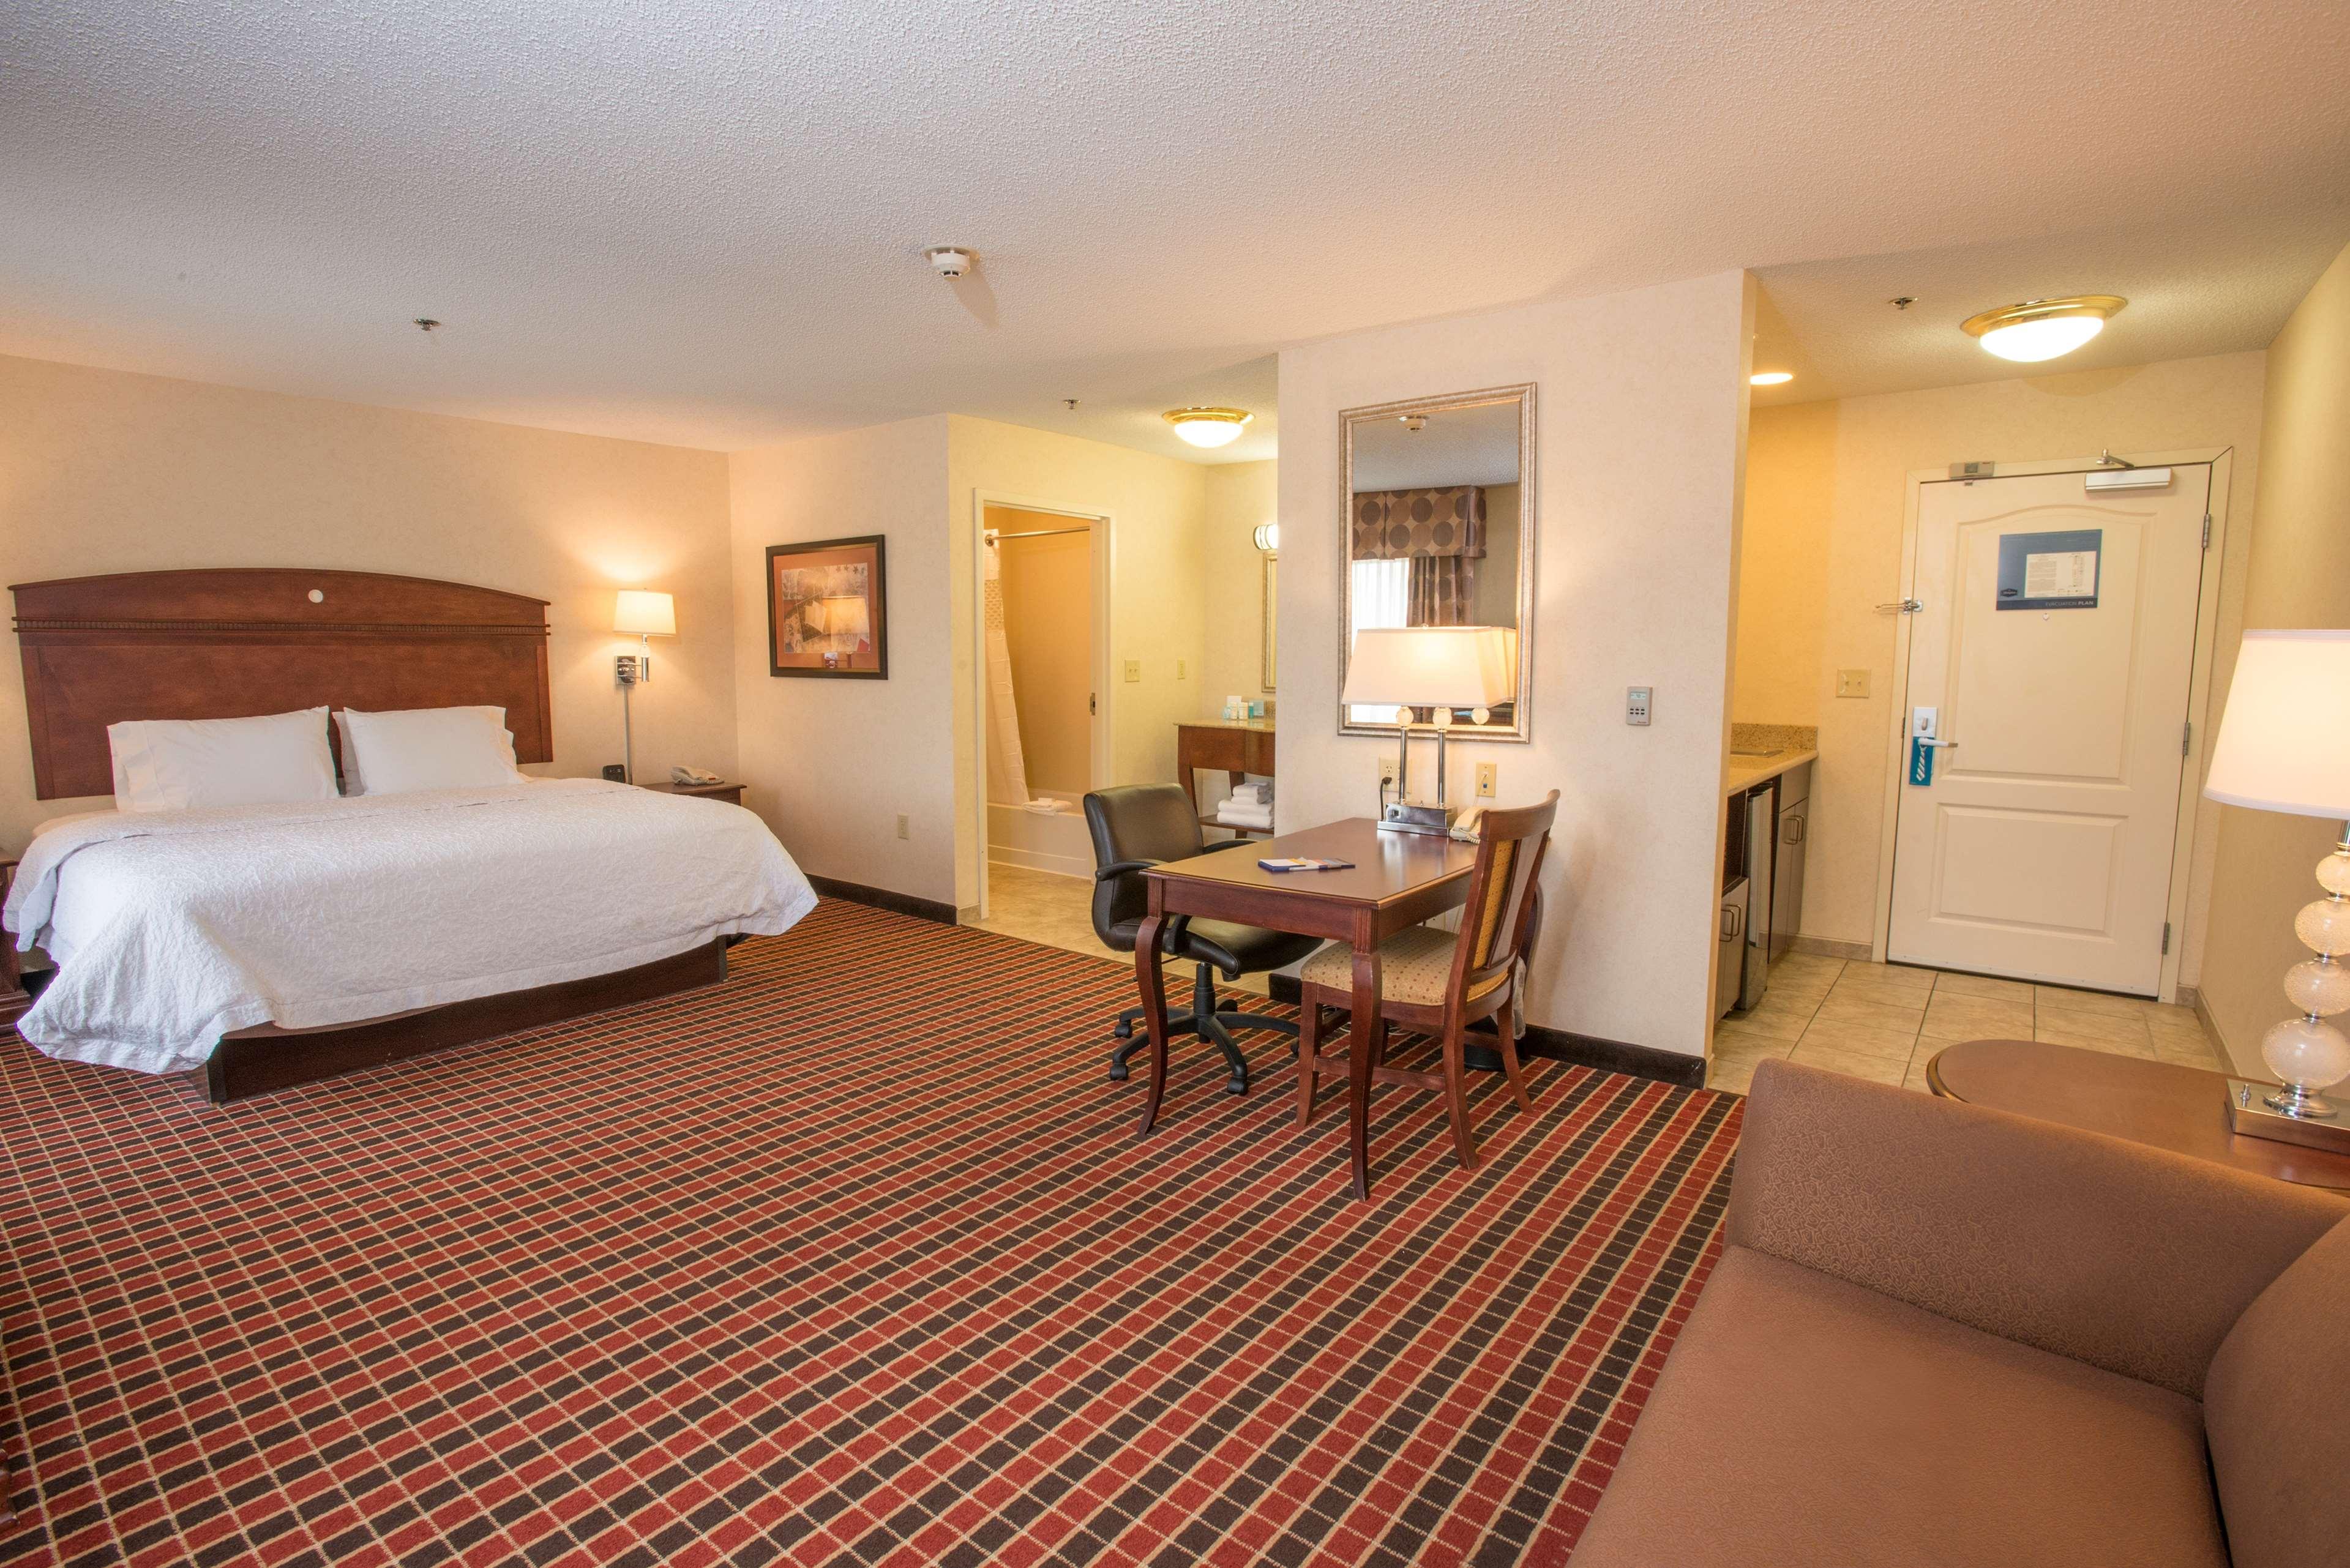 Hampton Inn & Suites Dayton-Airport image 19